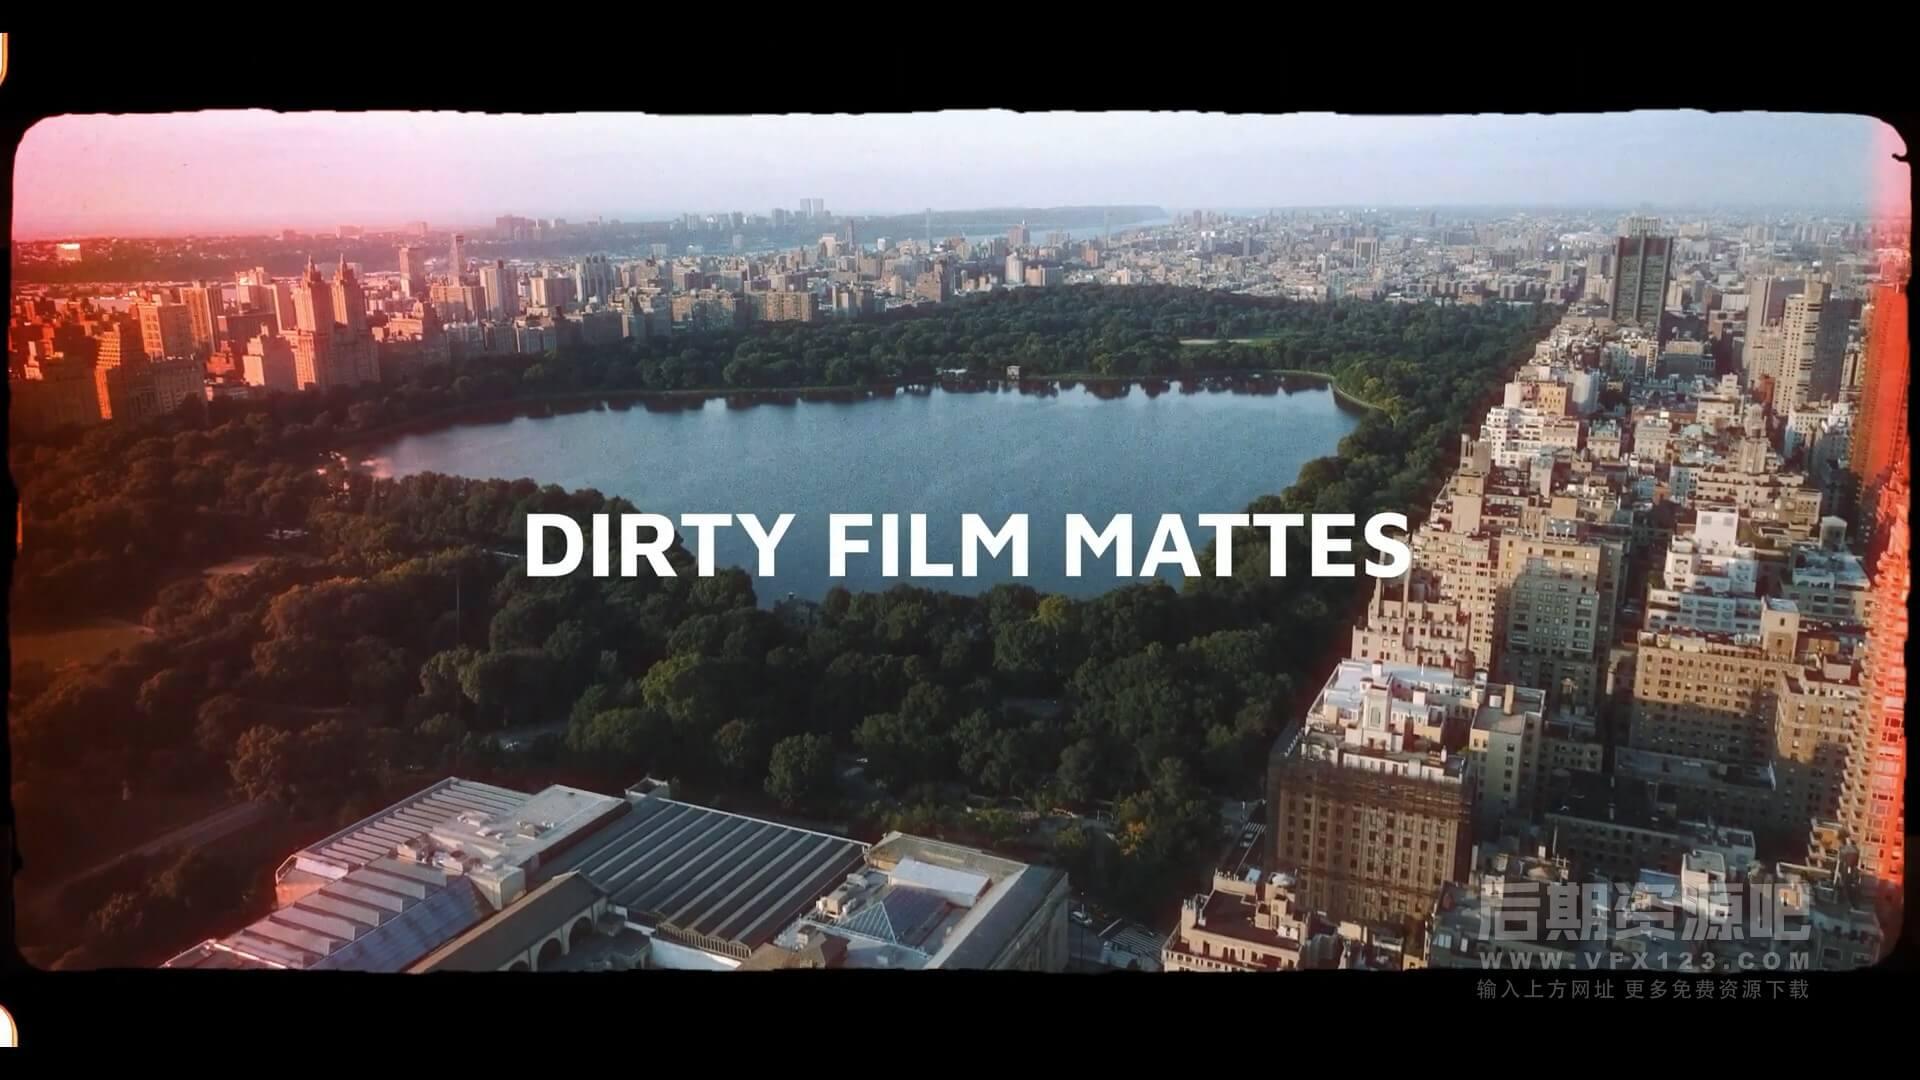 视频素材 4k复古电影灼烧胶片特效支持竖屏 带通道 DIRTY FILM MATTES